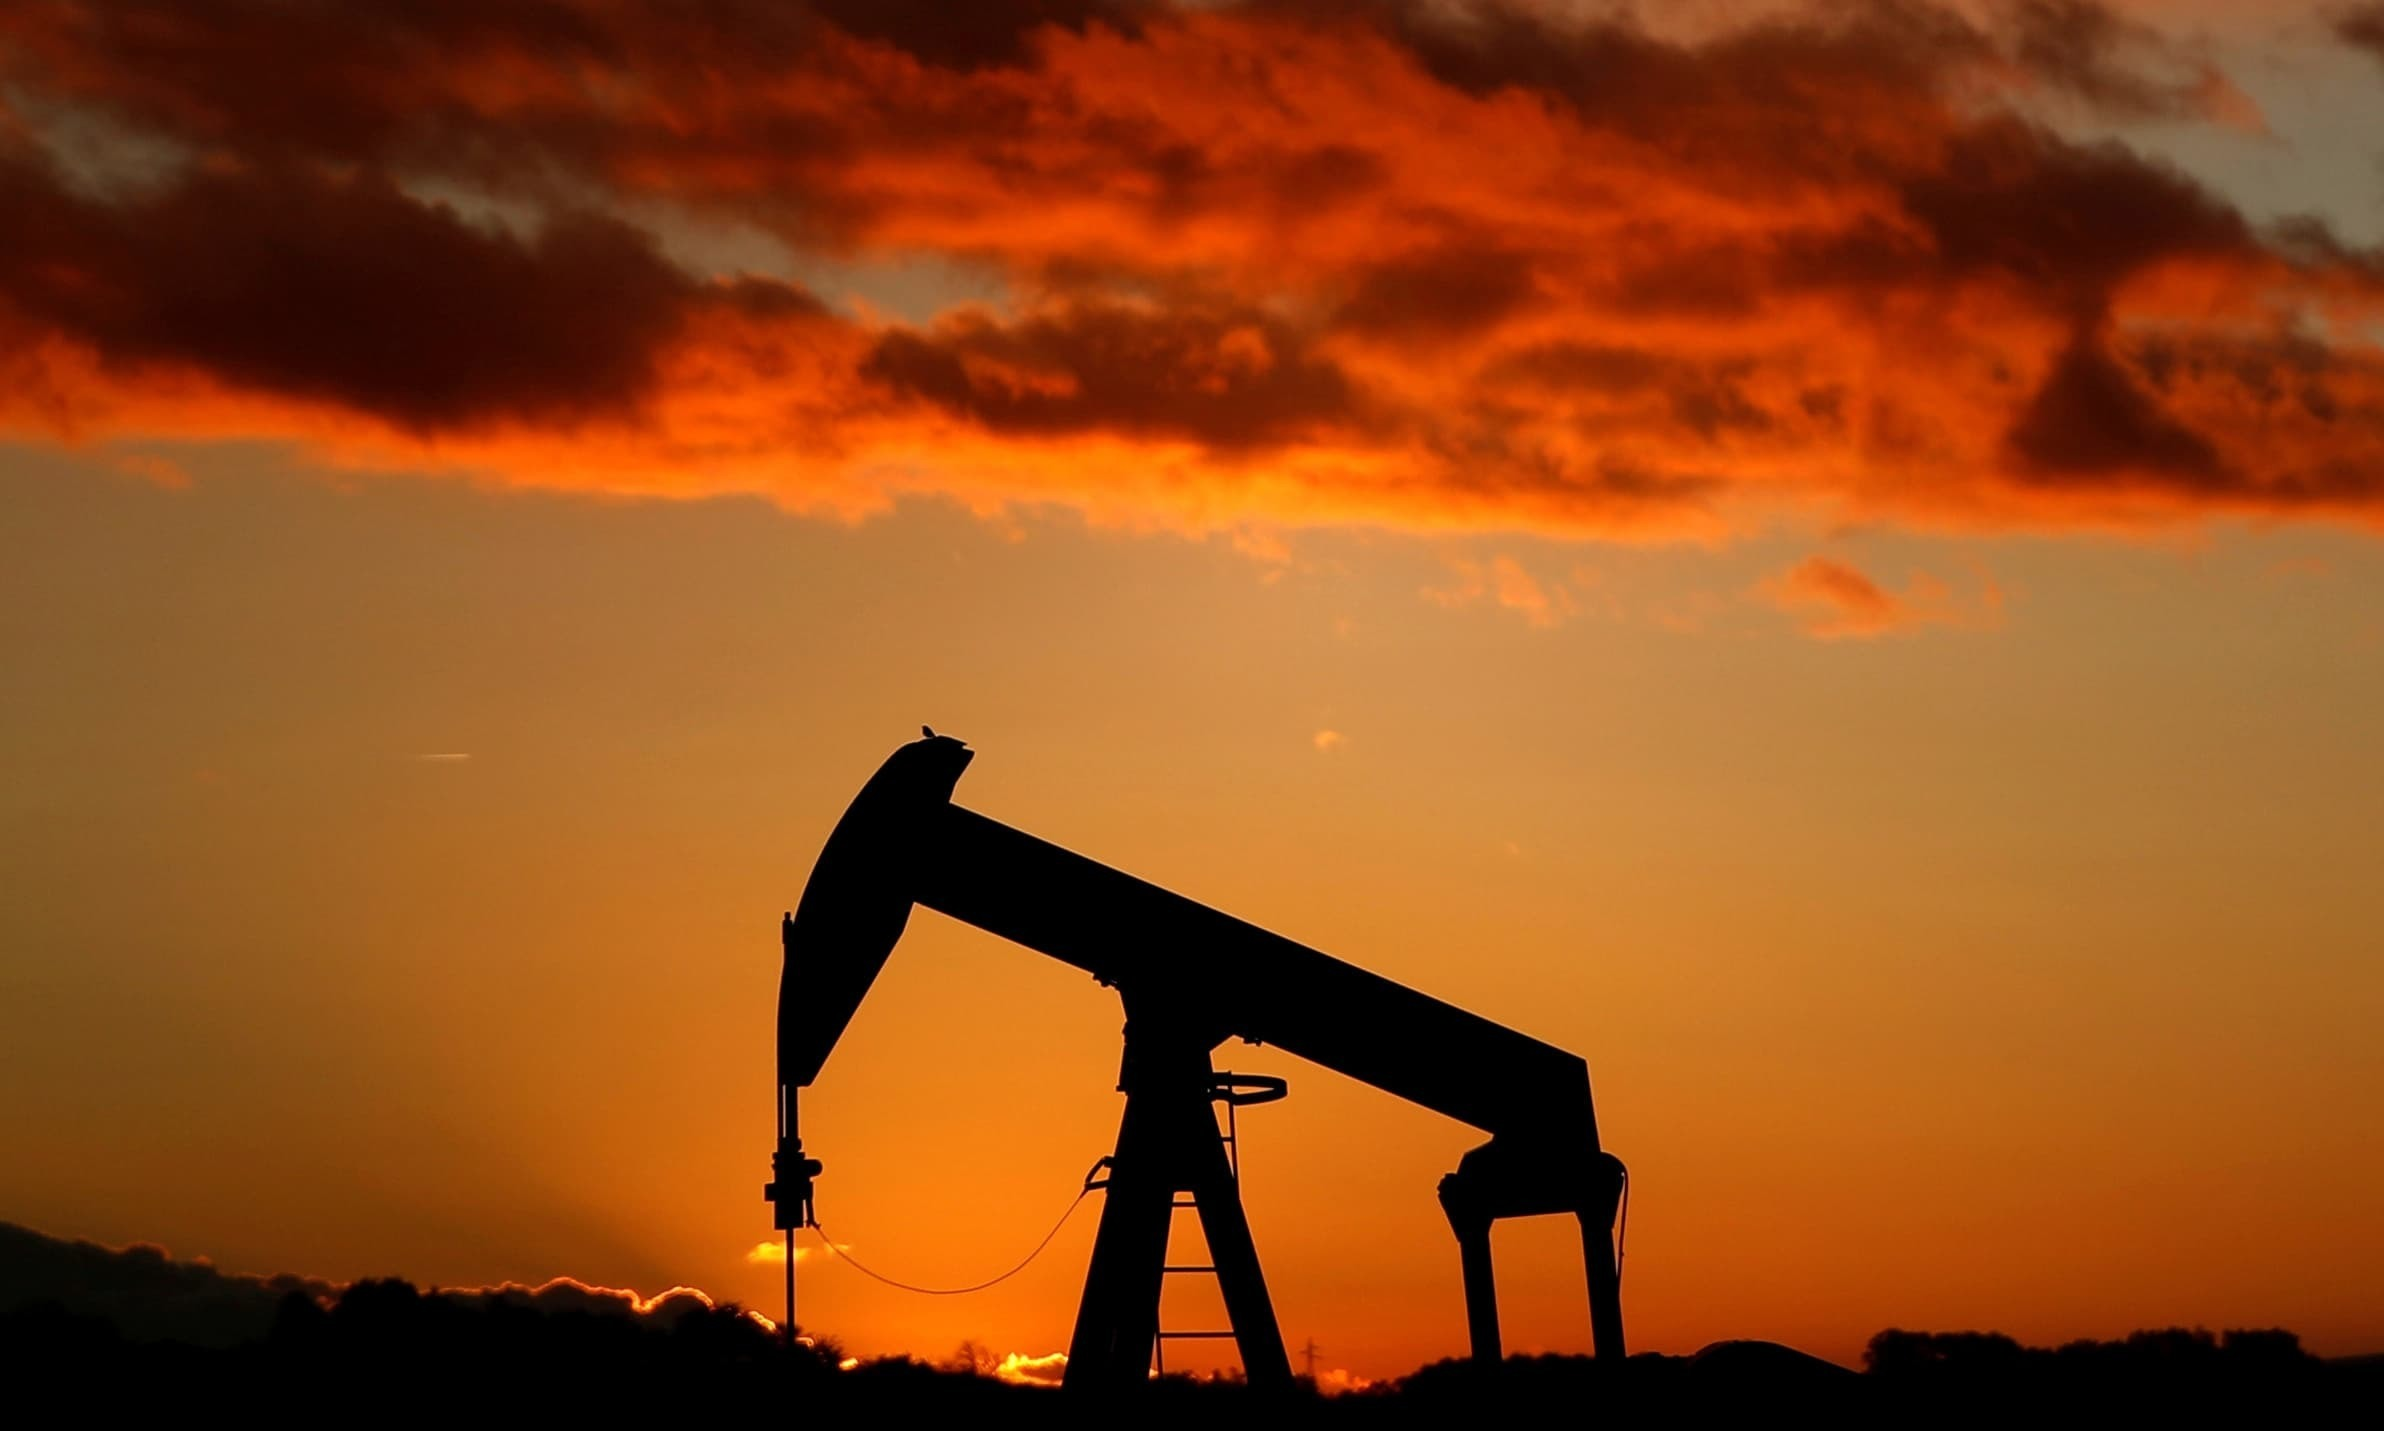 خام تیل کے مئی کے مہینے کے سودے کے لیے منگل آخری دن ہے — فائل فوٹو / رائٹرز